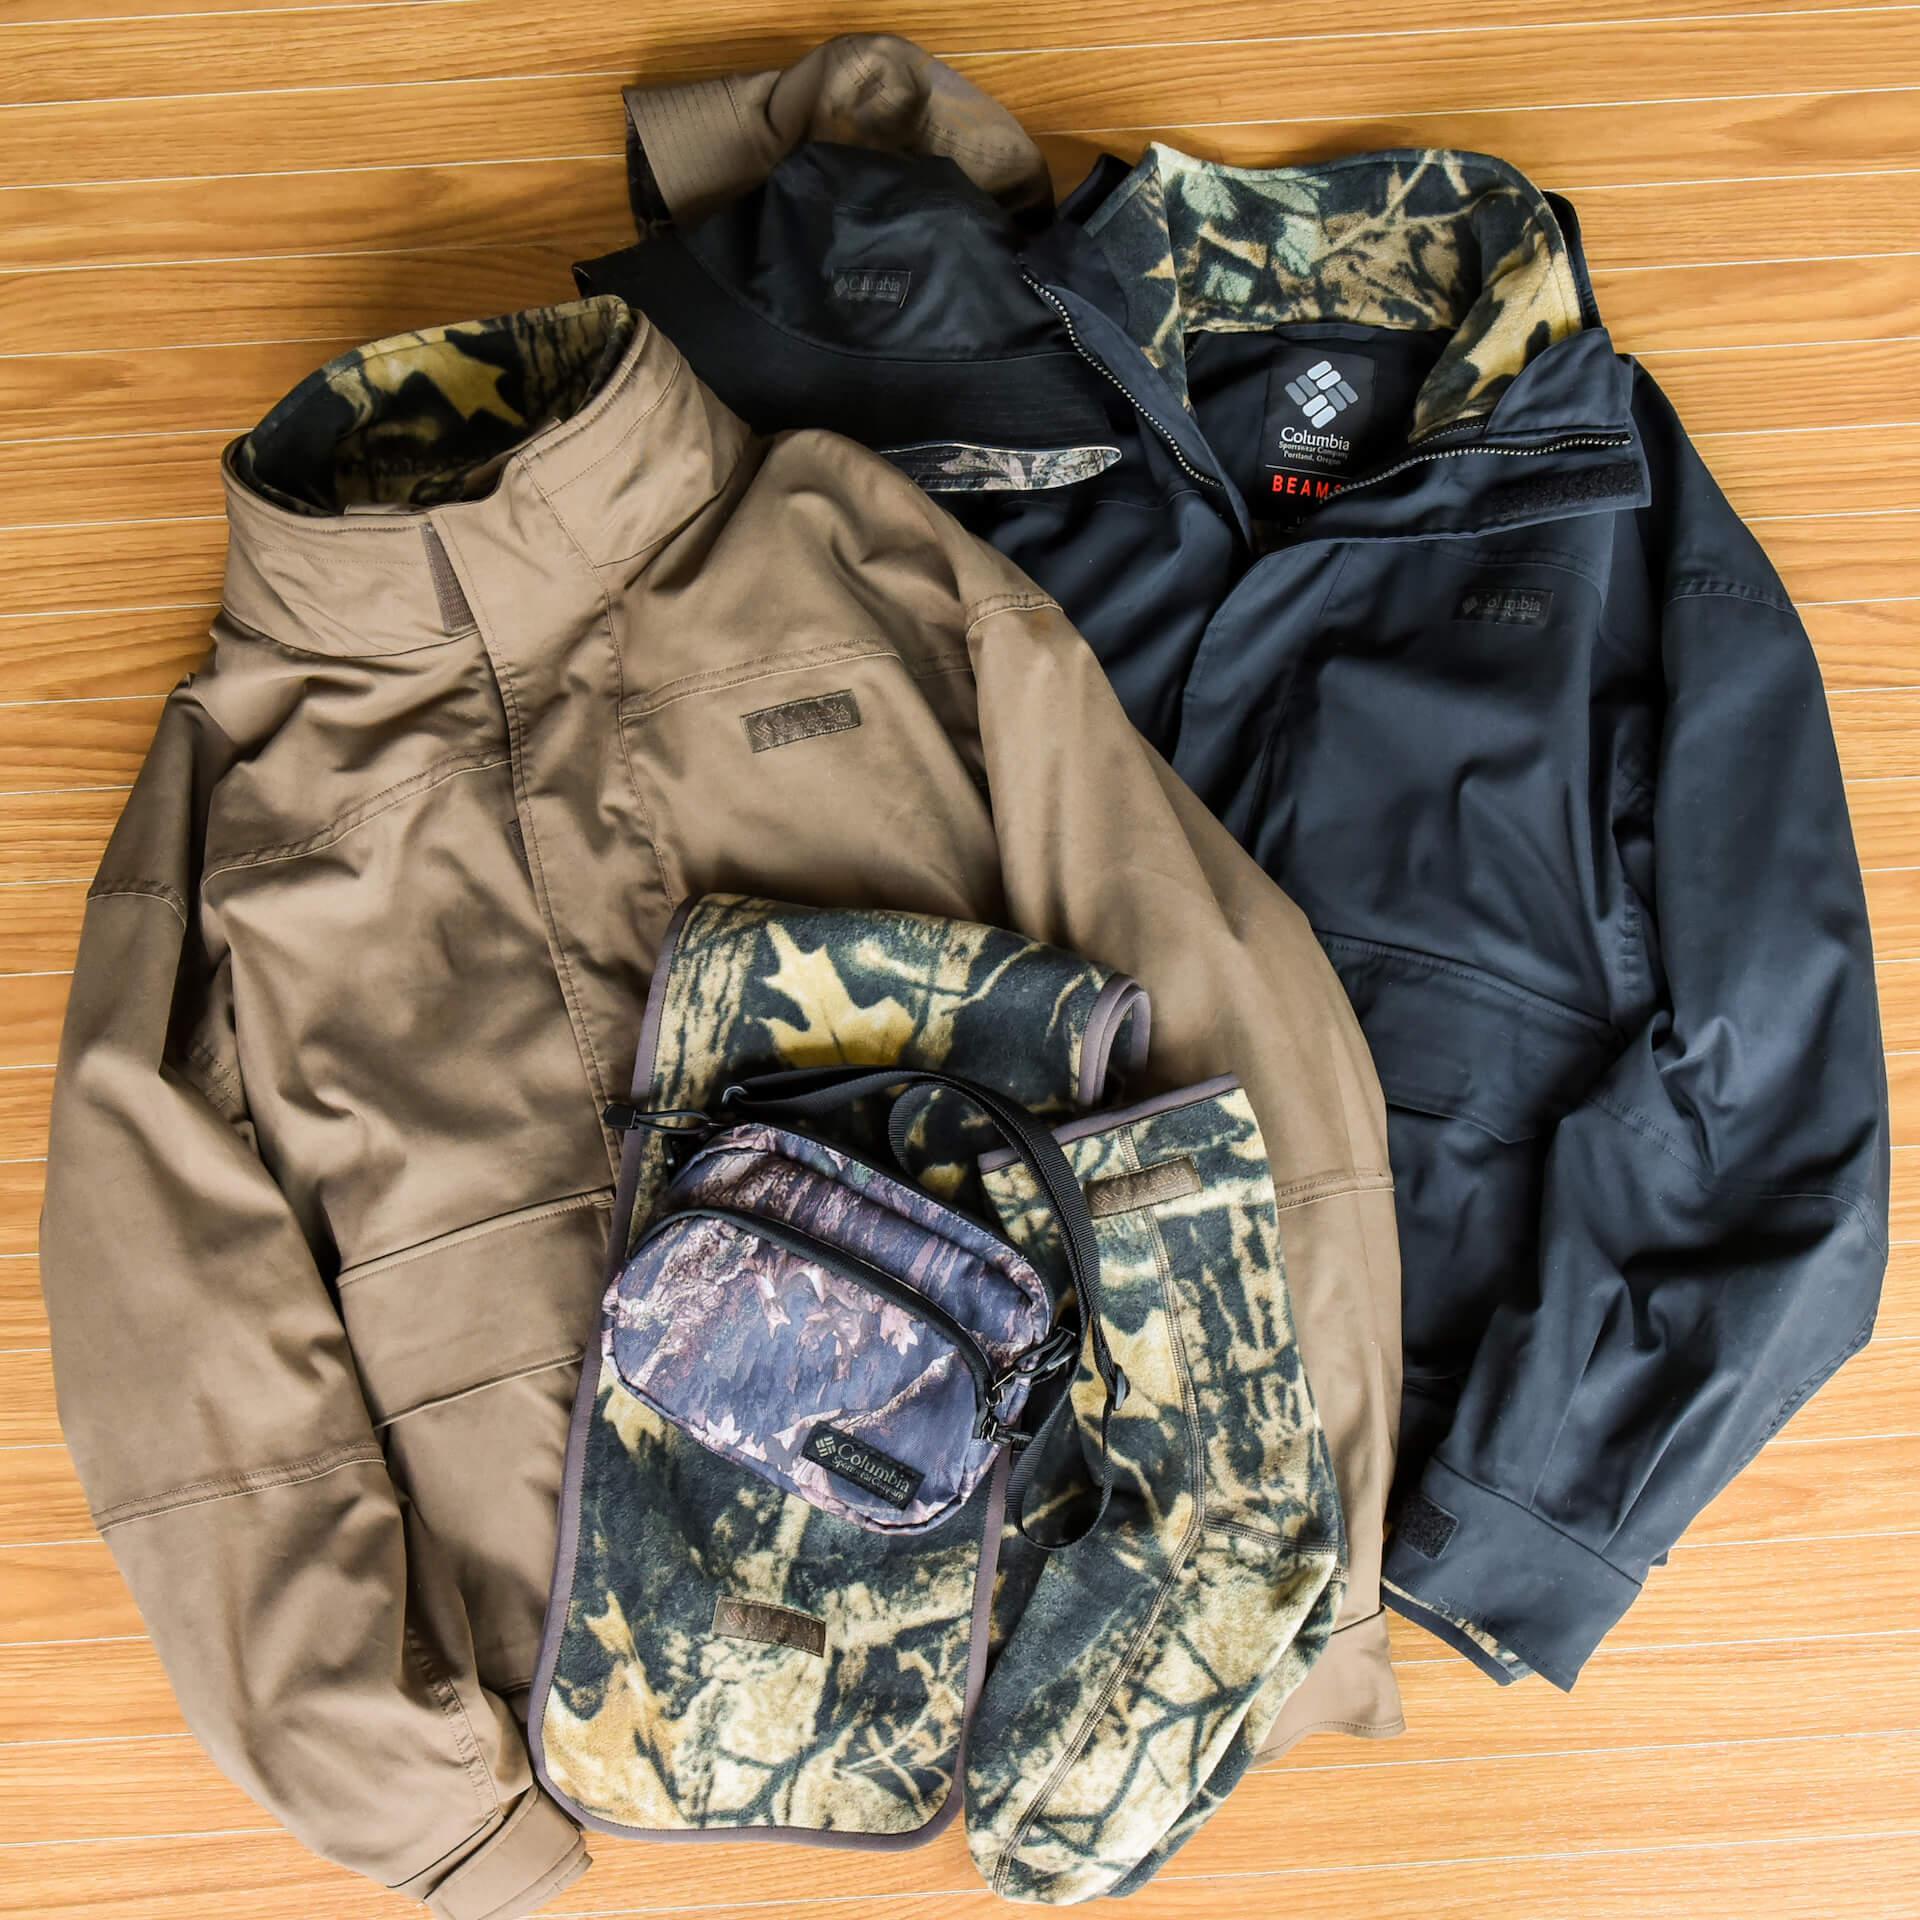 BEAMSとColumbiaのコラボコレクション『Columbia National Park』が登場!全アイテムに施されたカモフラージュ柄が特徴 fashion20201019_beams_columbia_2